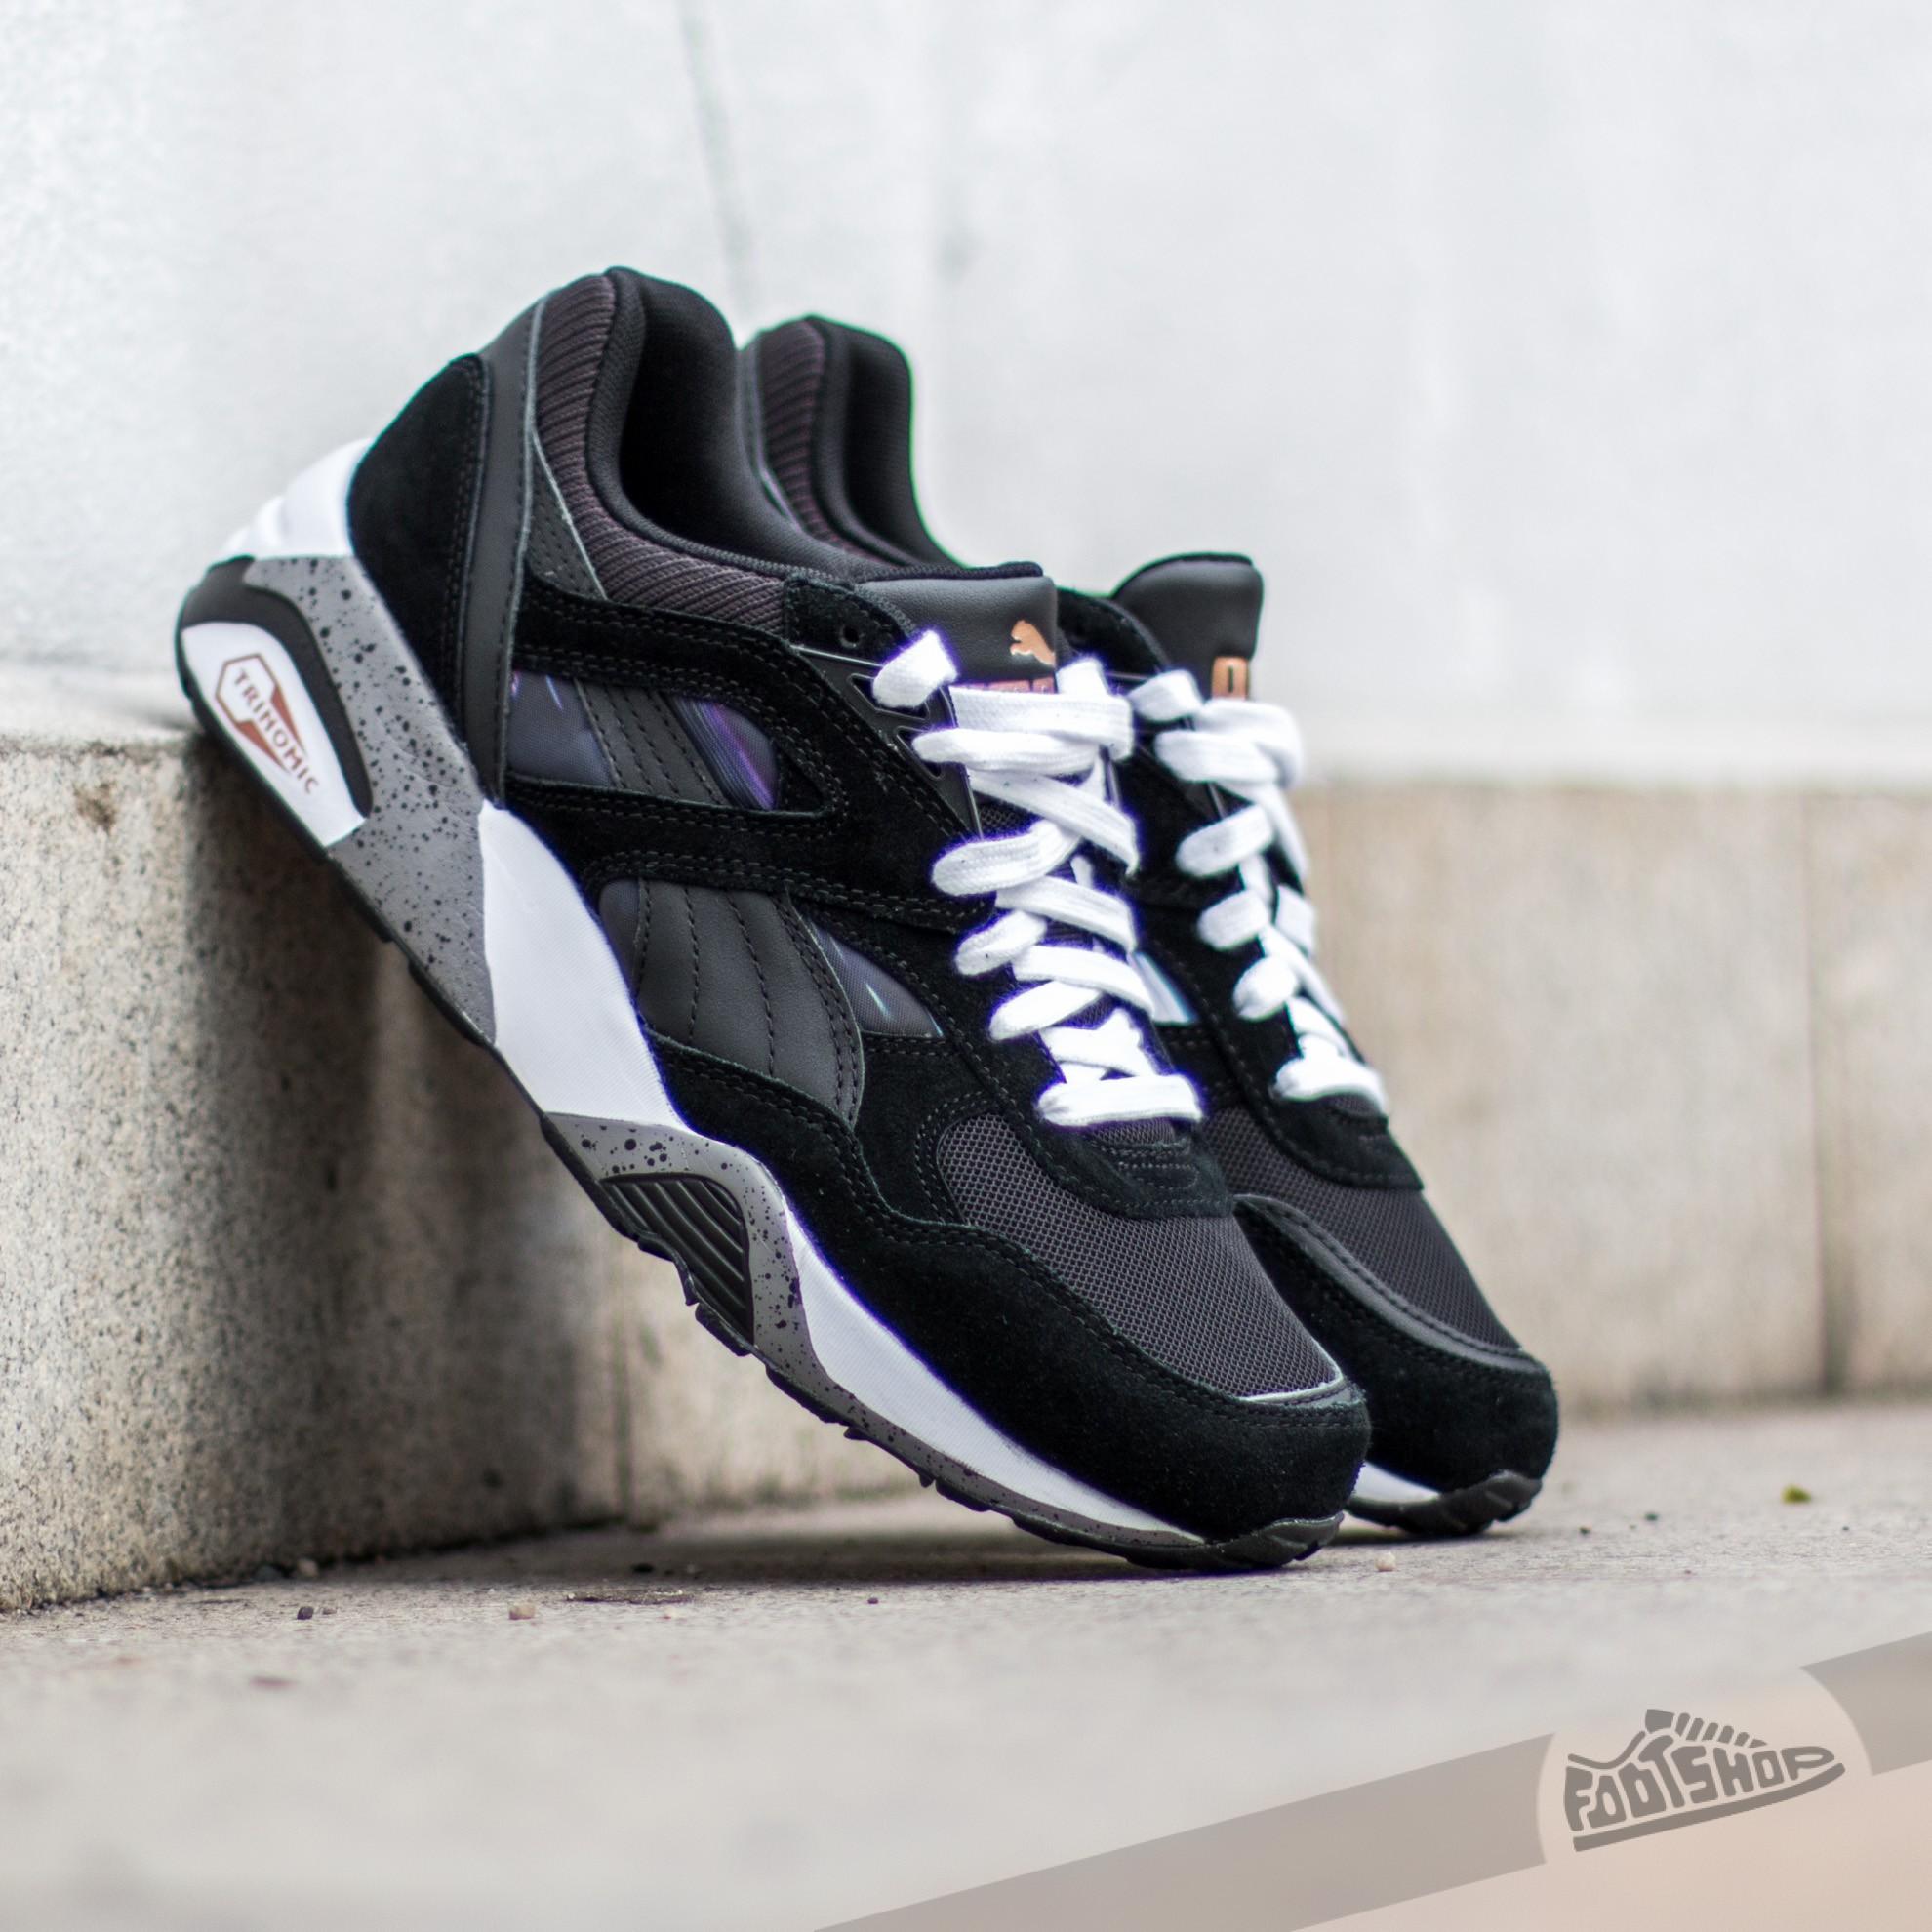 scarpe puma r698